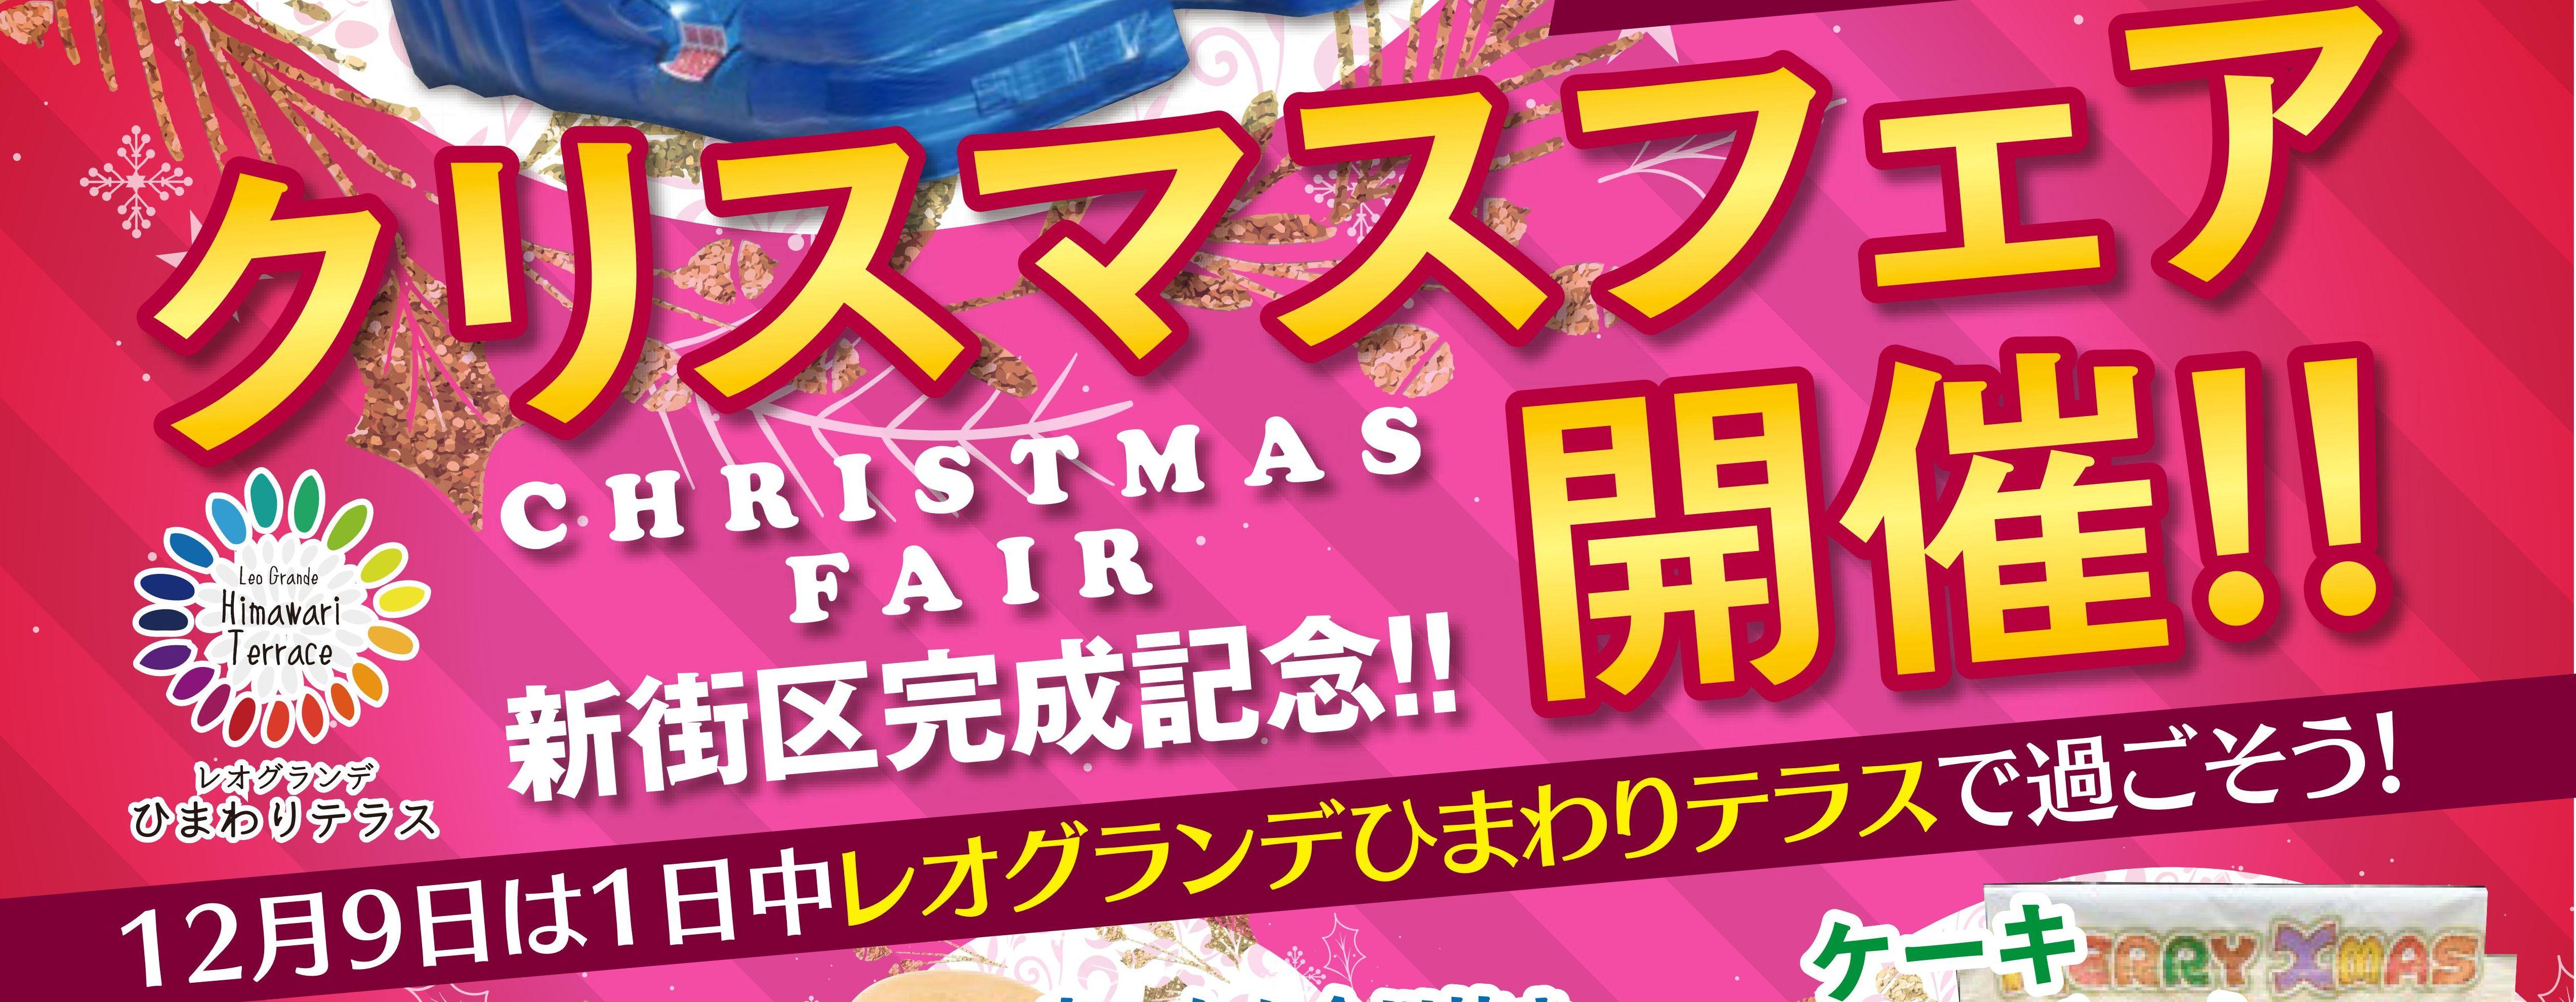 12/9(日) クリスマスフェア開催致します!! in レオグランデひまわりテラス